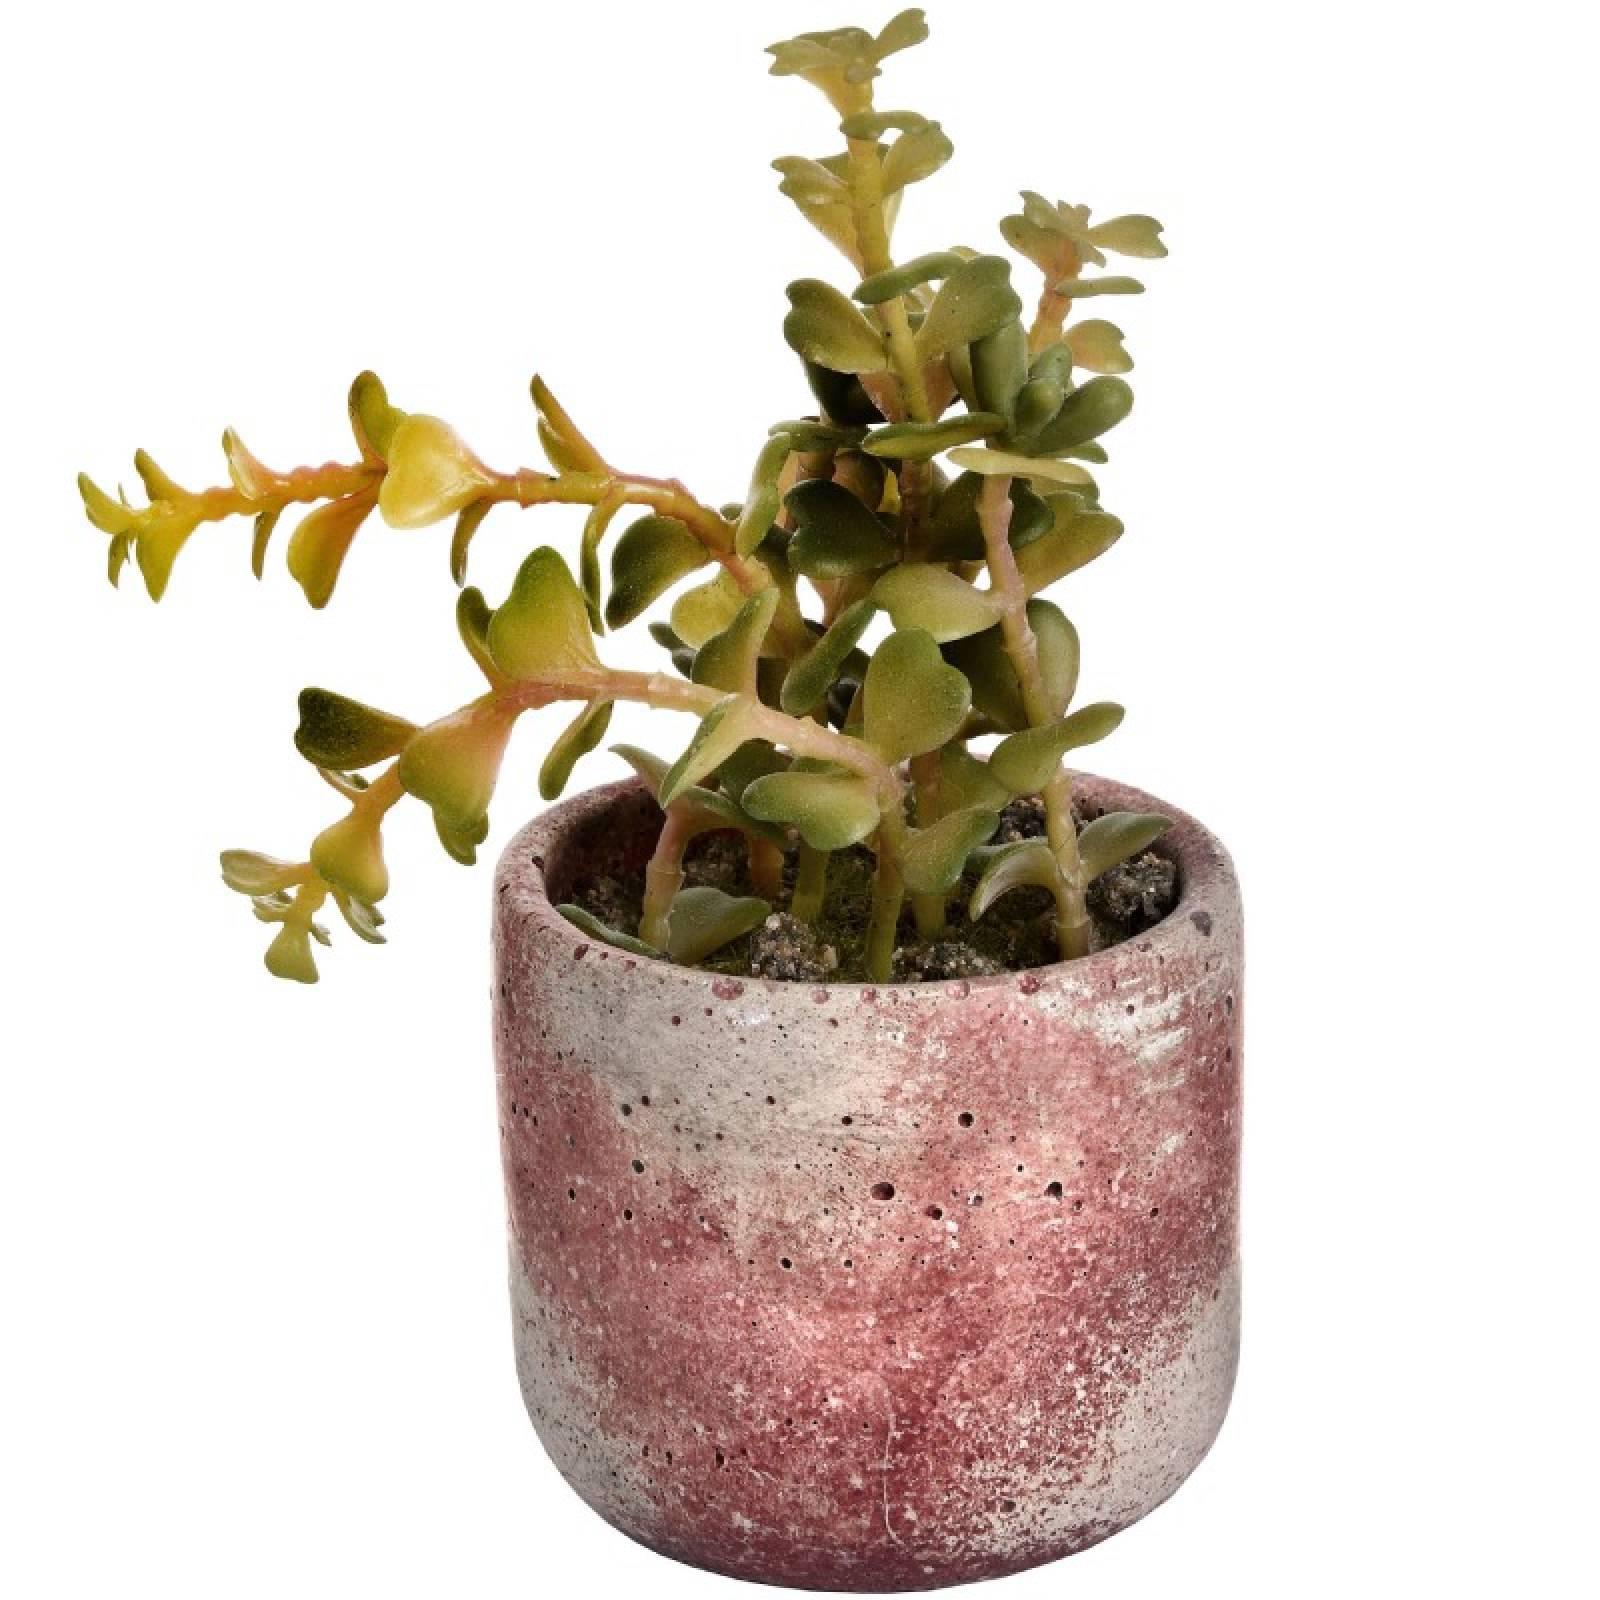 Miniature Potted Artificial Succulent thumbnails